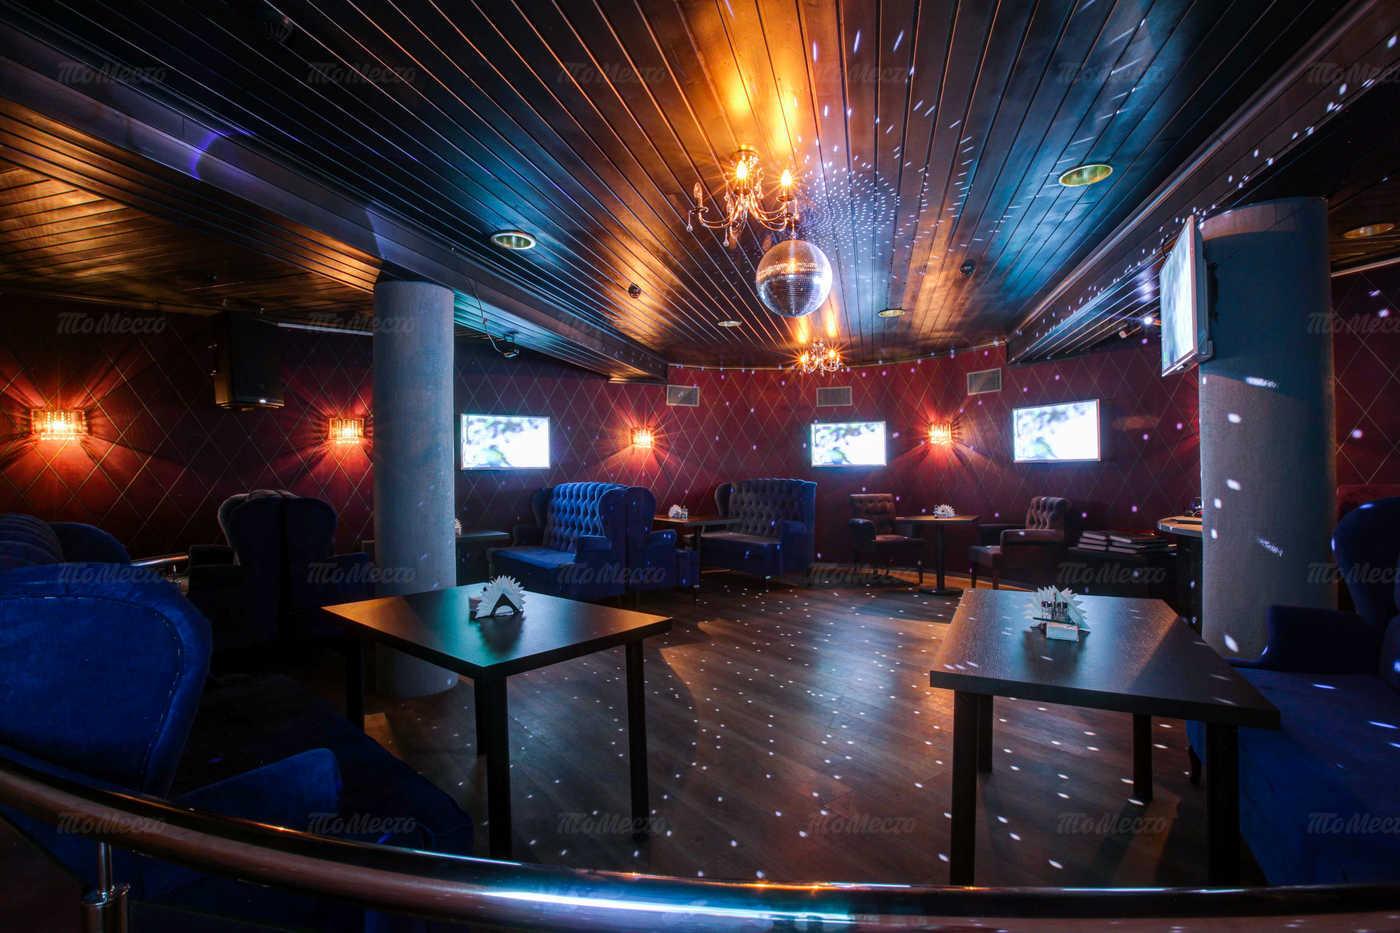 Москва караоке клуб маска смотреть онлайн скрытая камера в ночных клубах